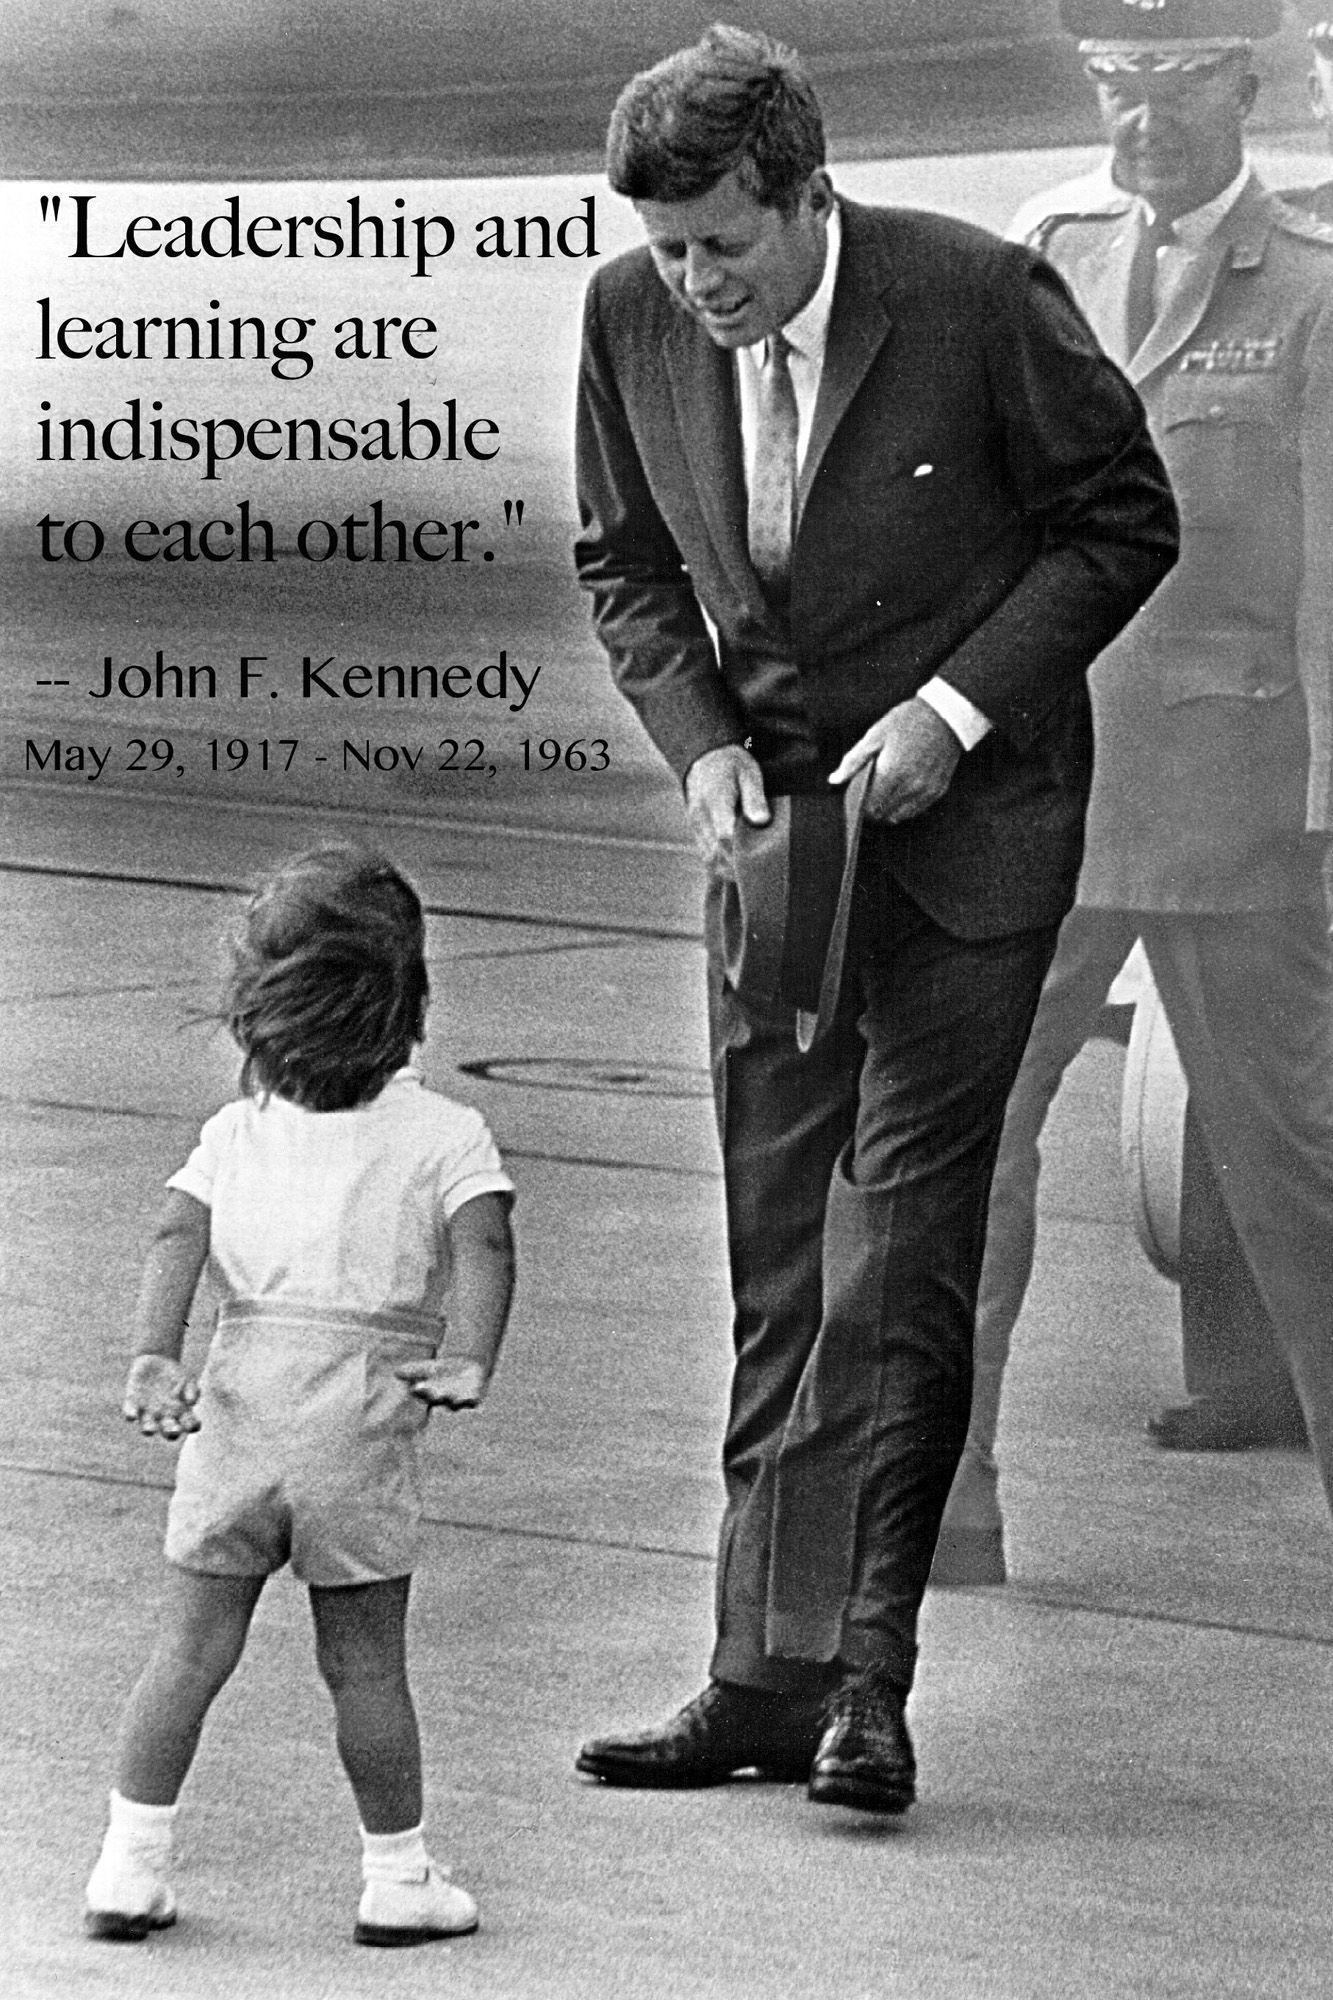 Why was John F. Kennedy a good leader?